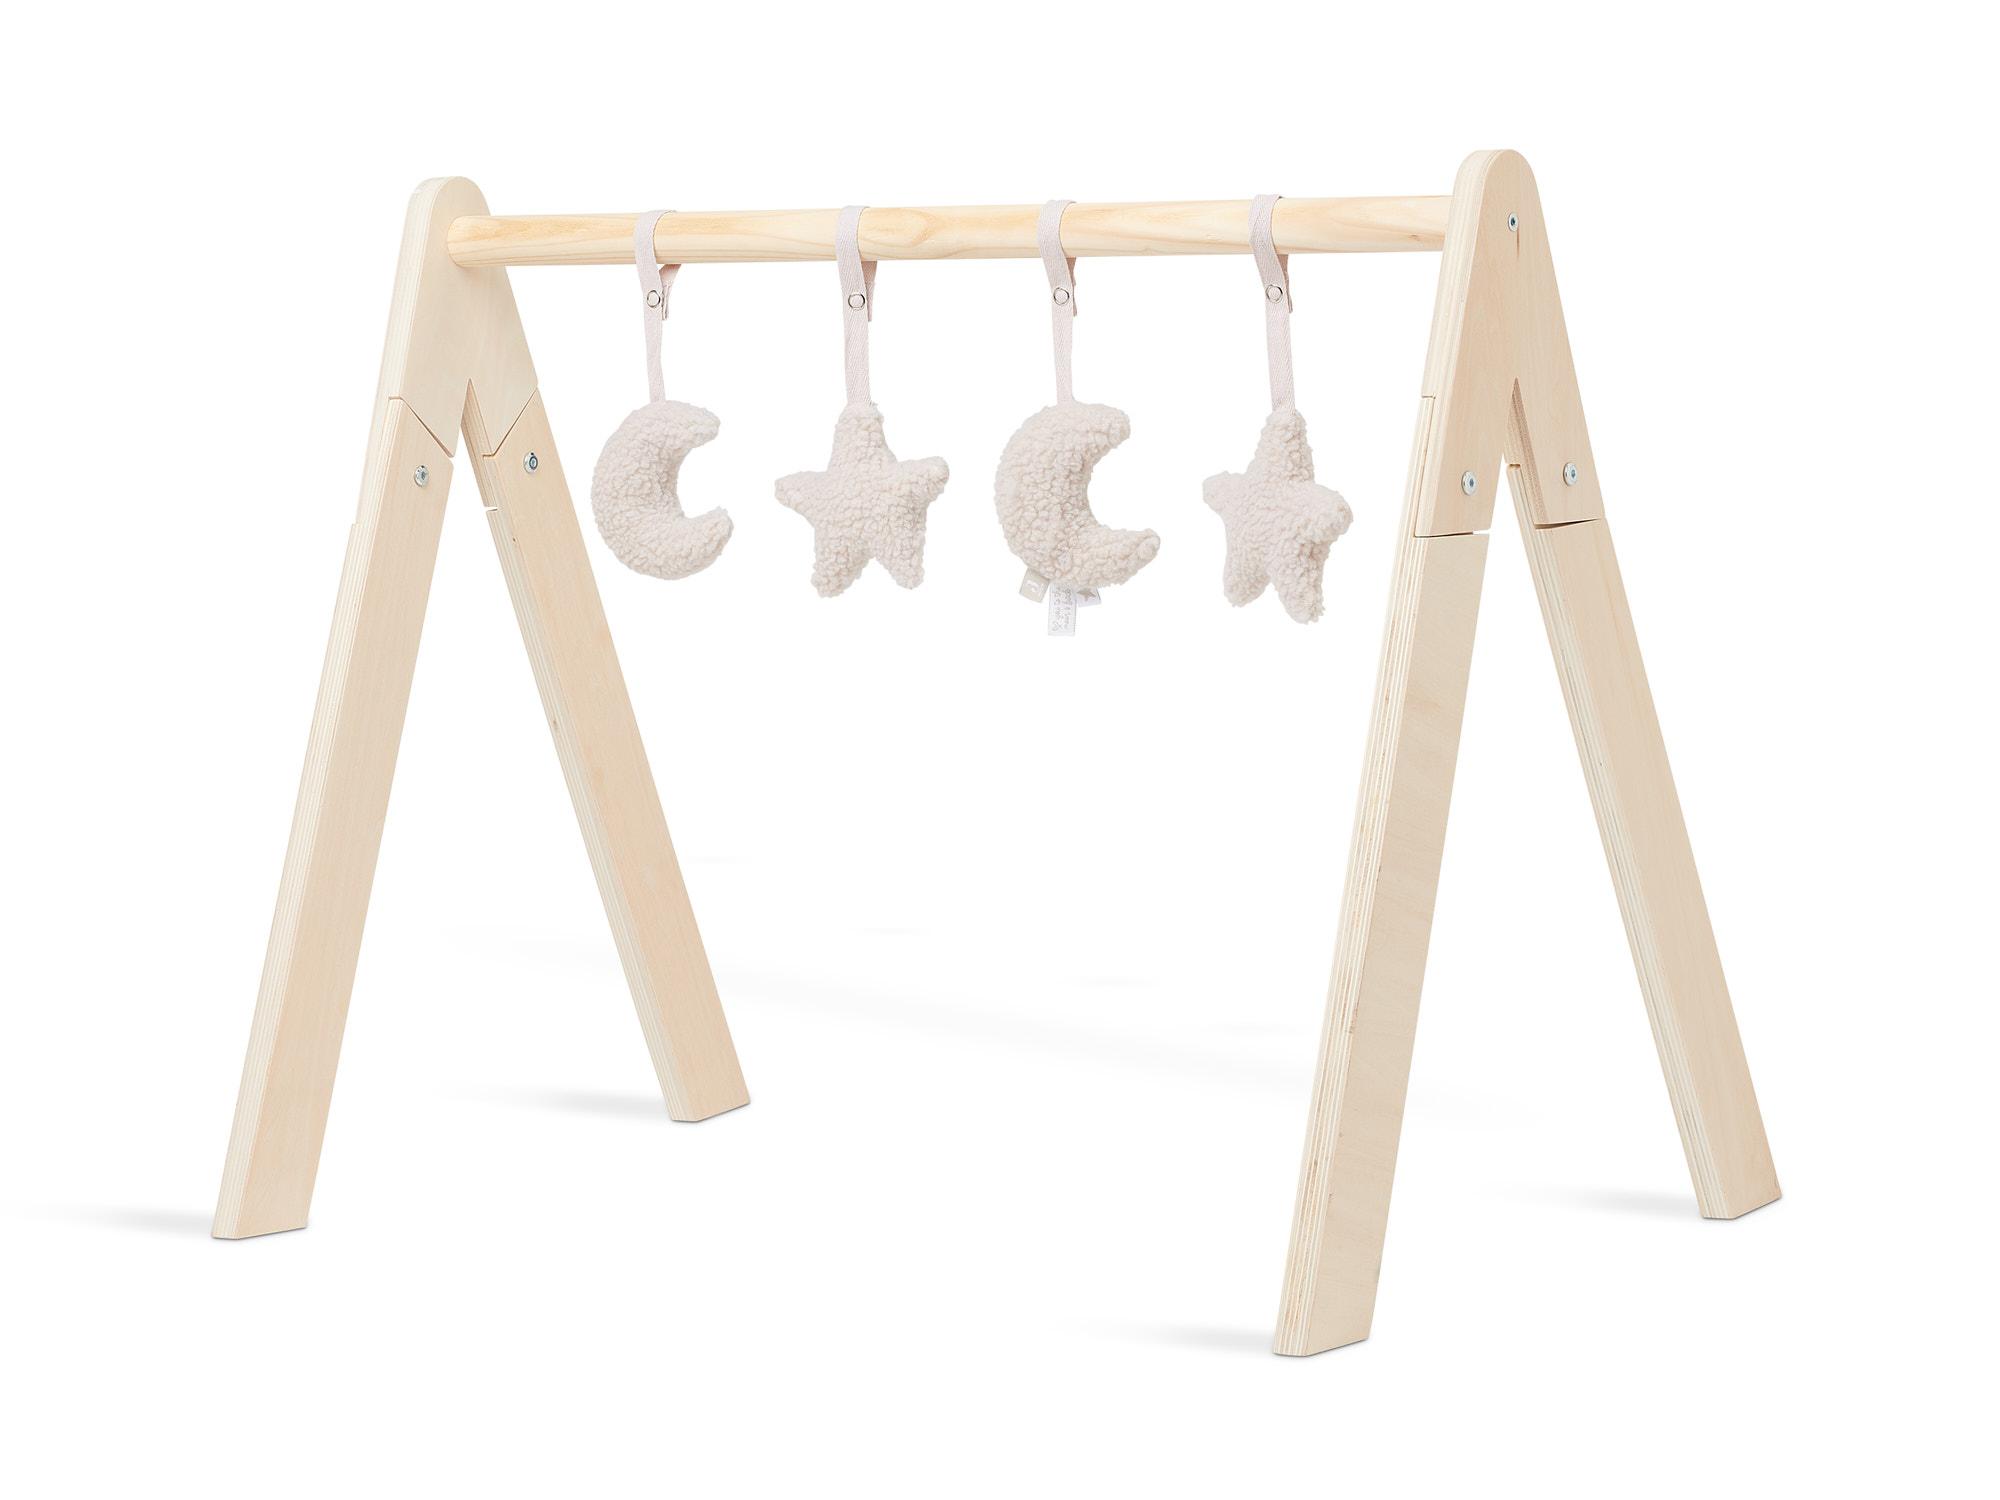 Anhänger für Baby Gym 4er Set Mond Sterne Teddyplüsch nougat